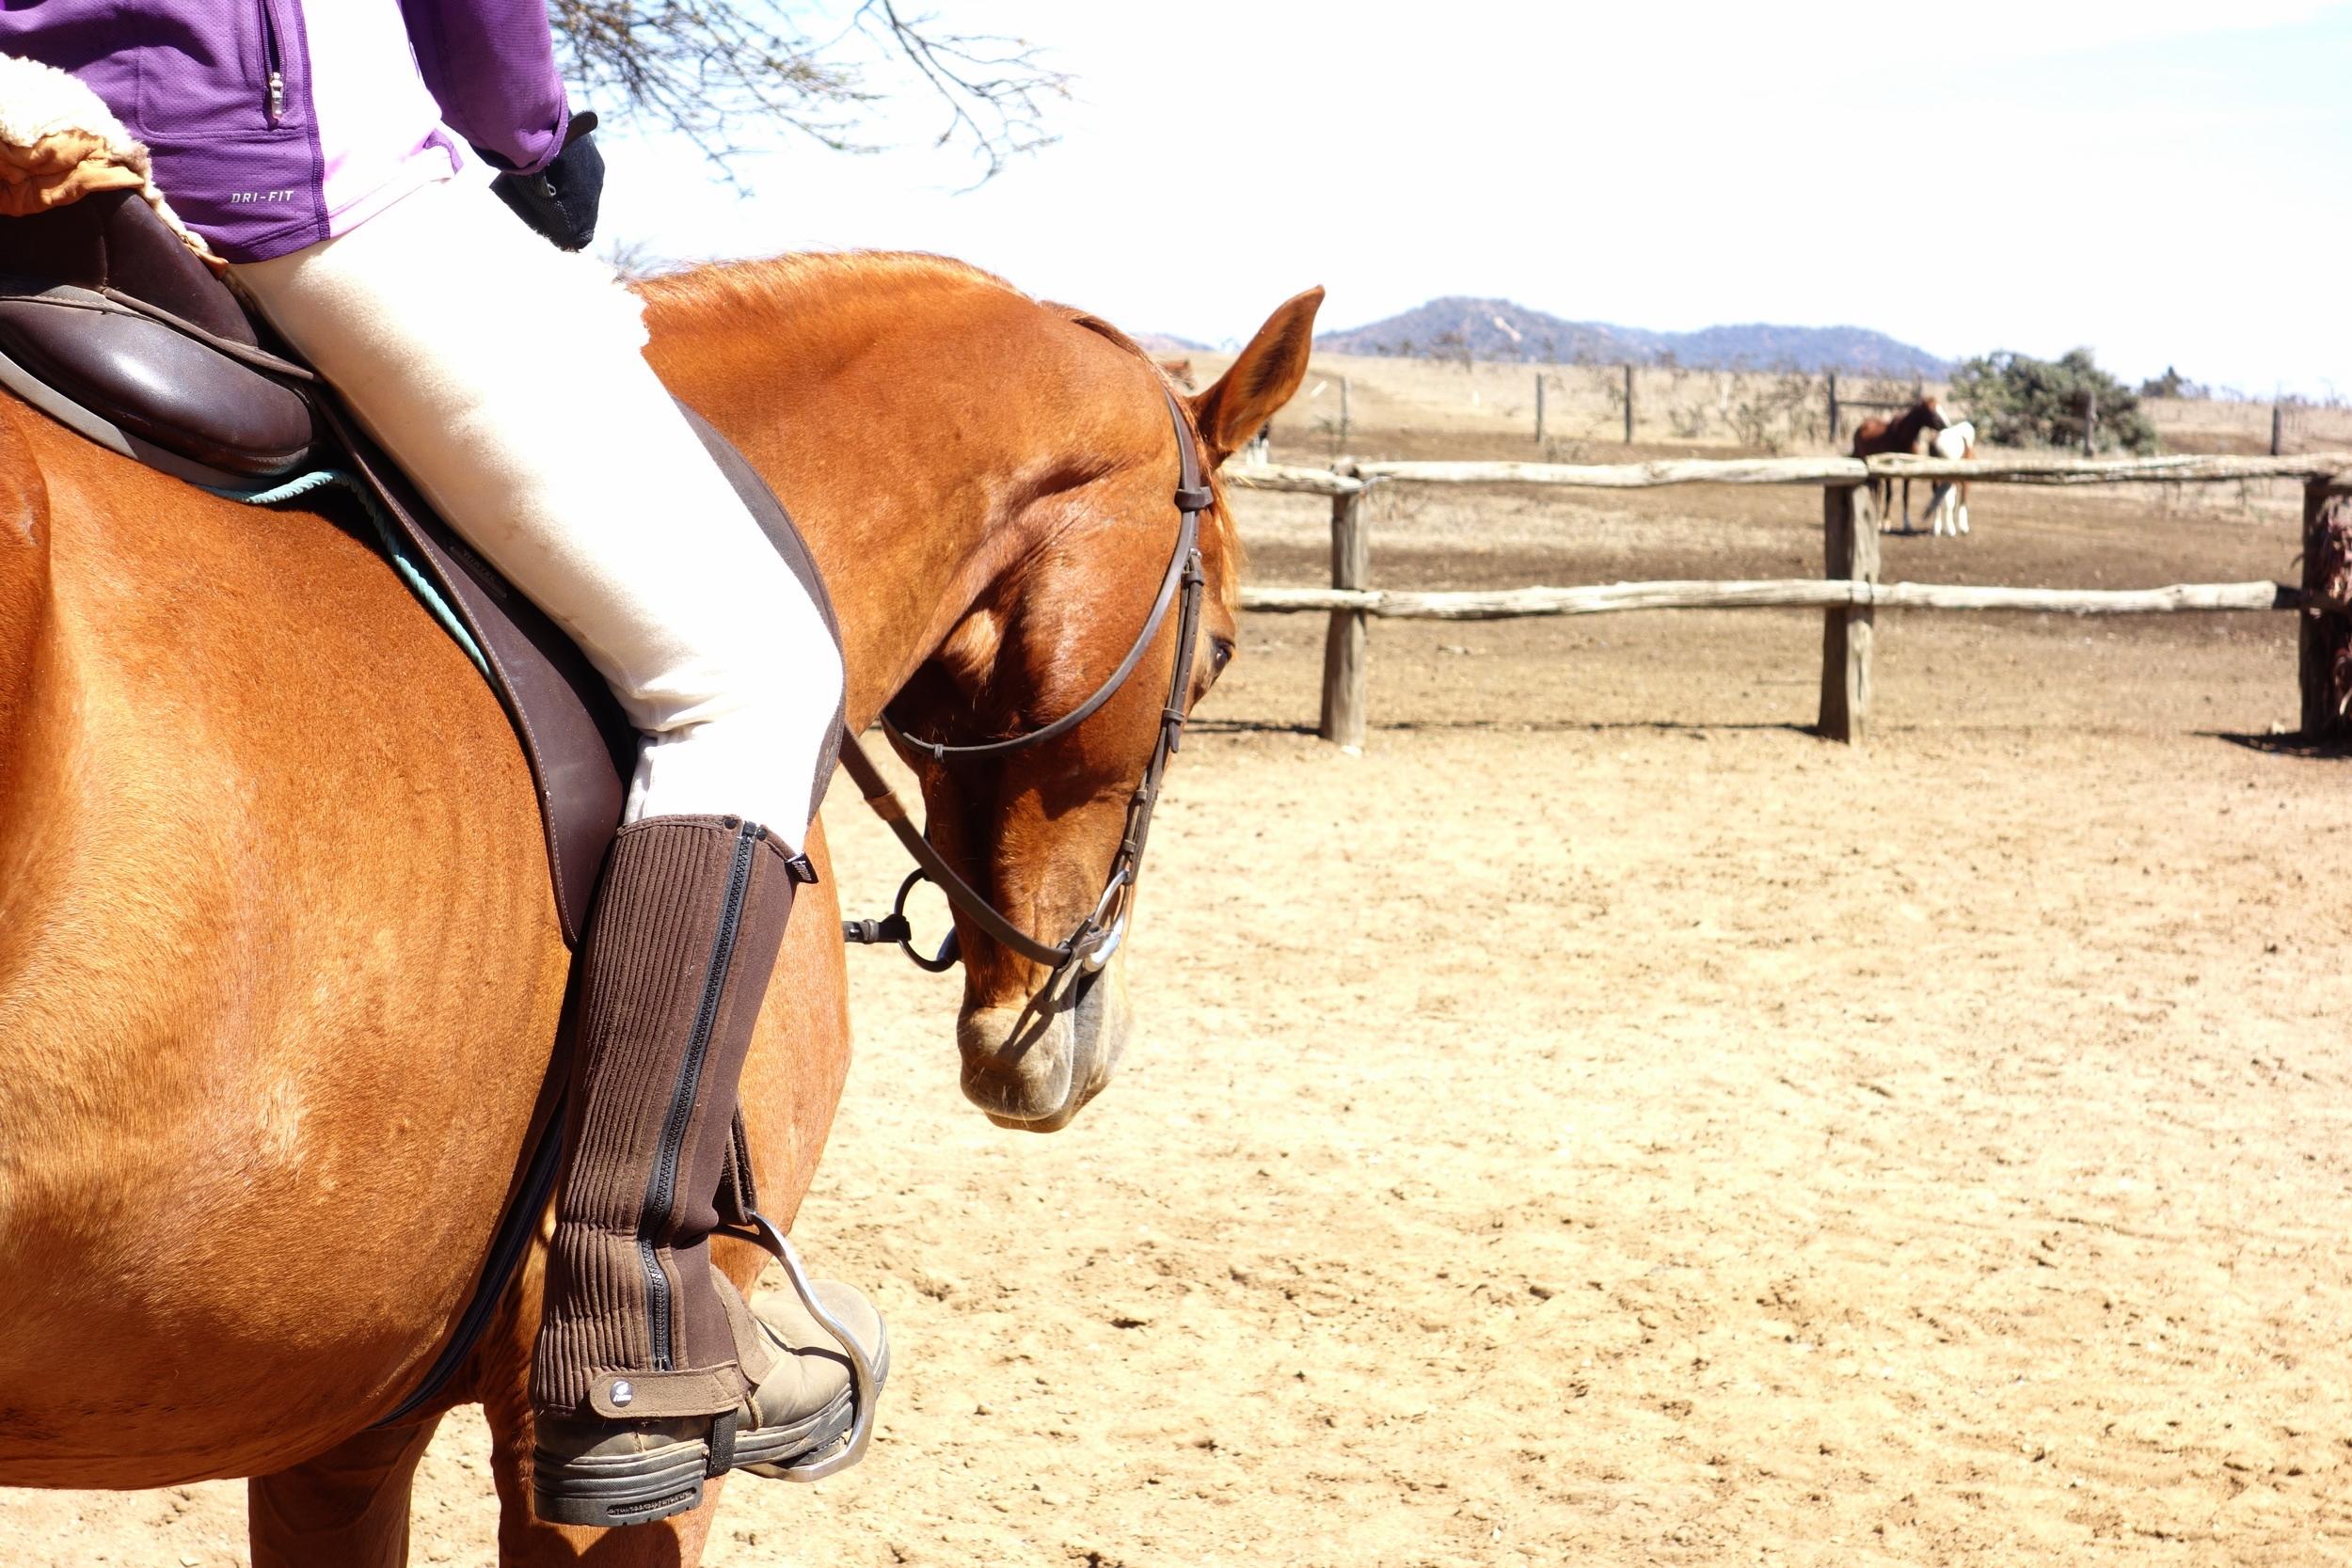 equitation science training ridden solutions .JPG